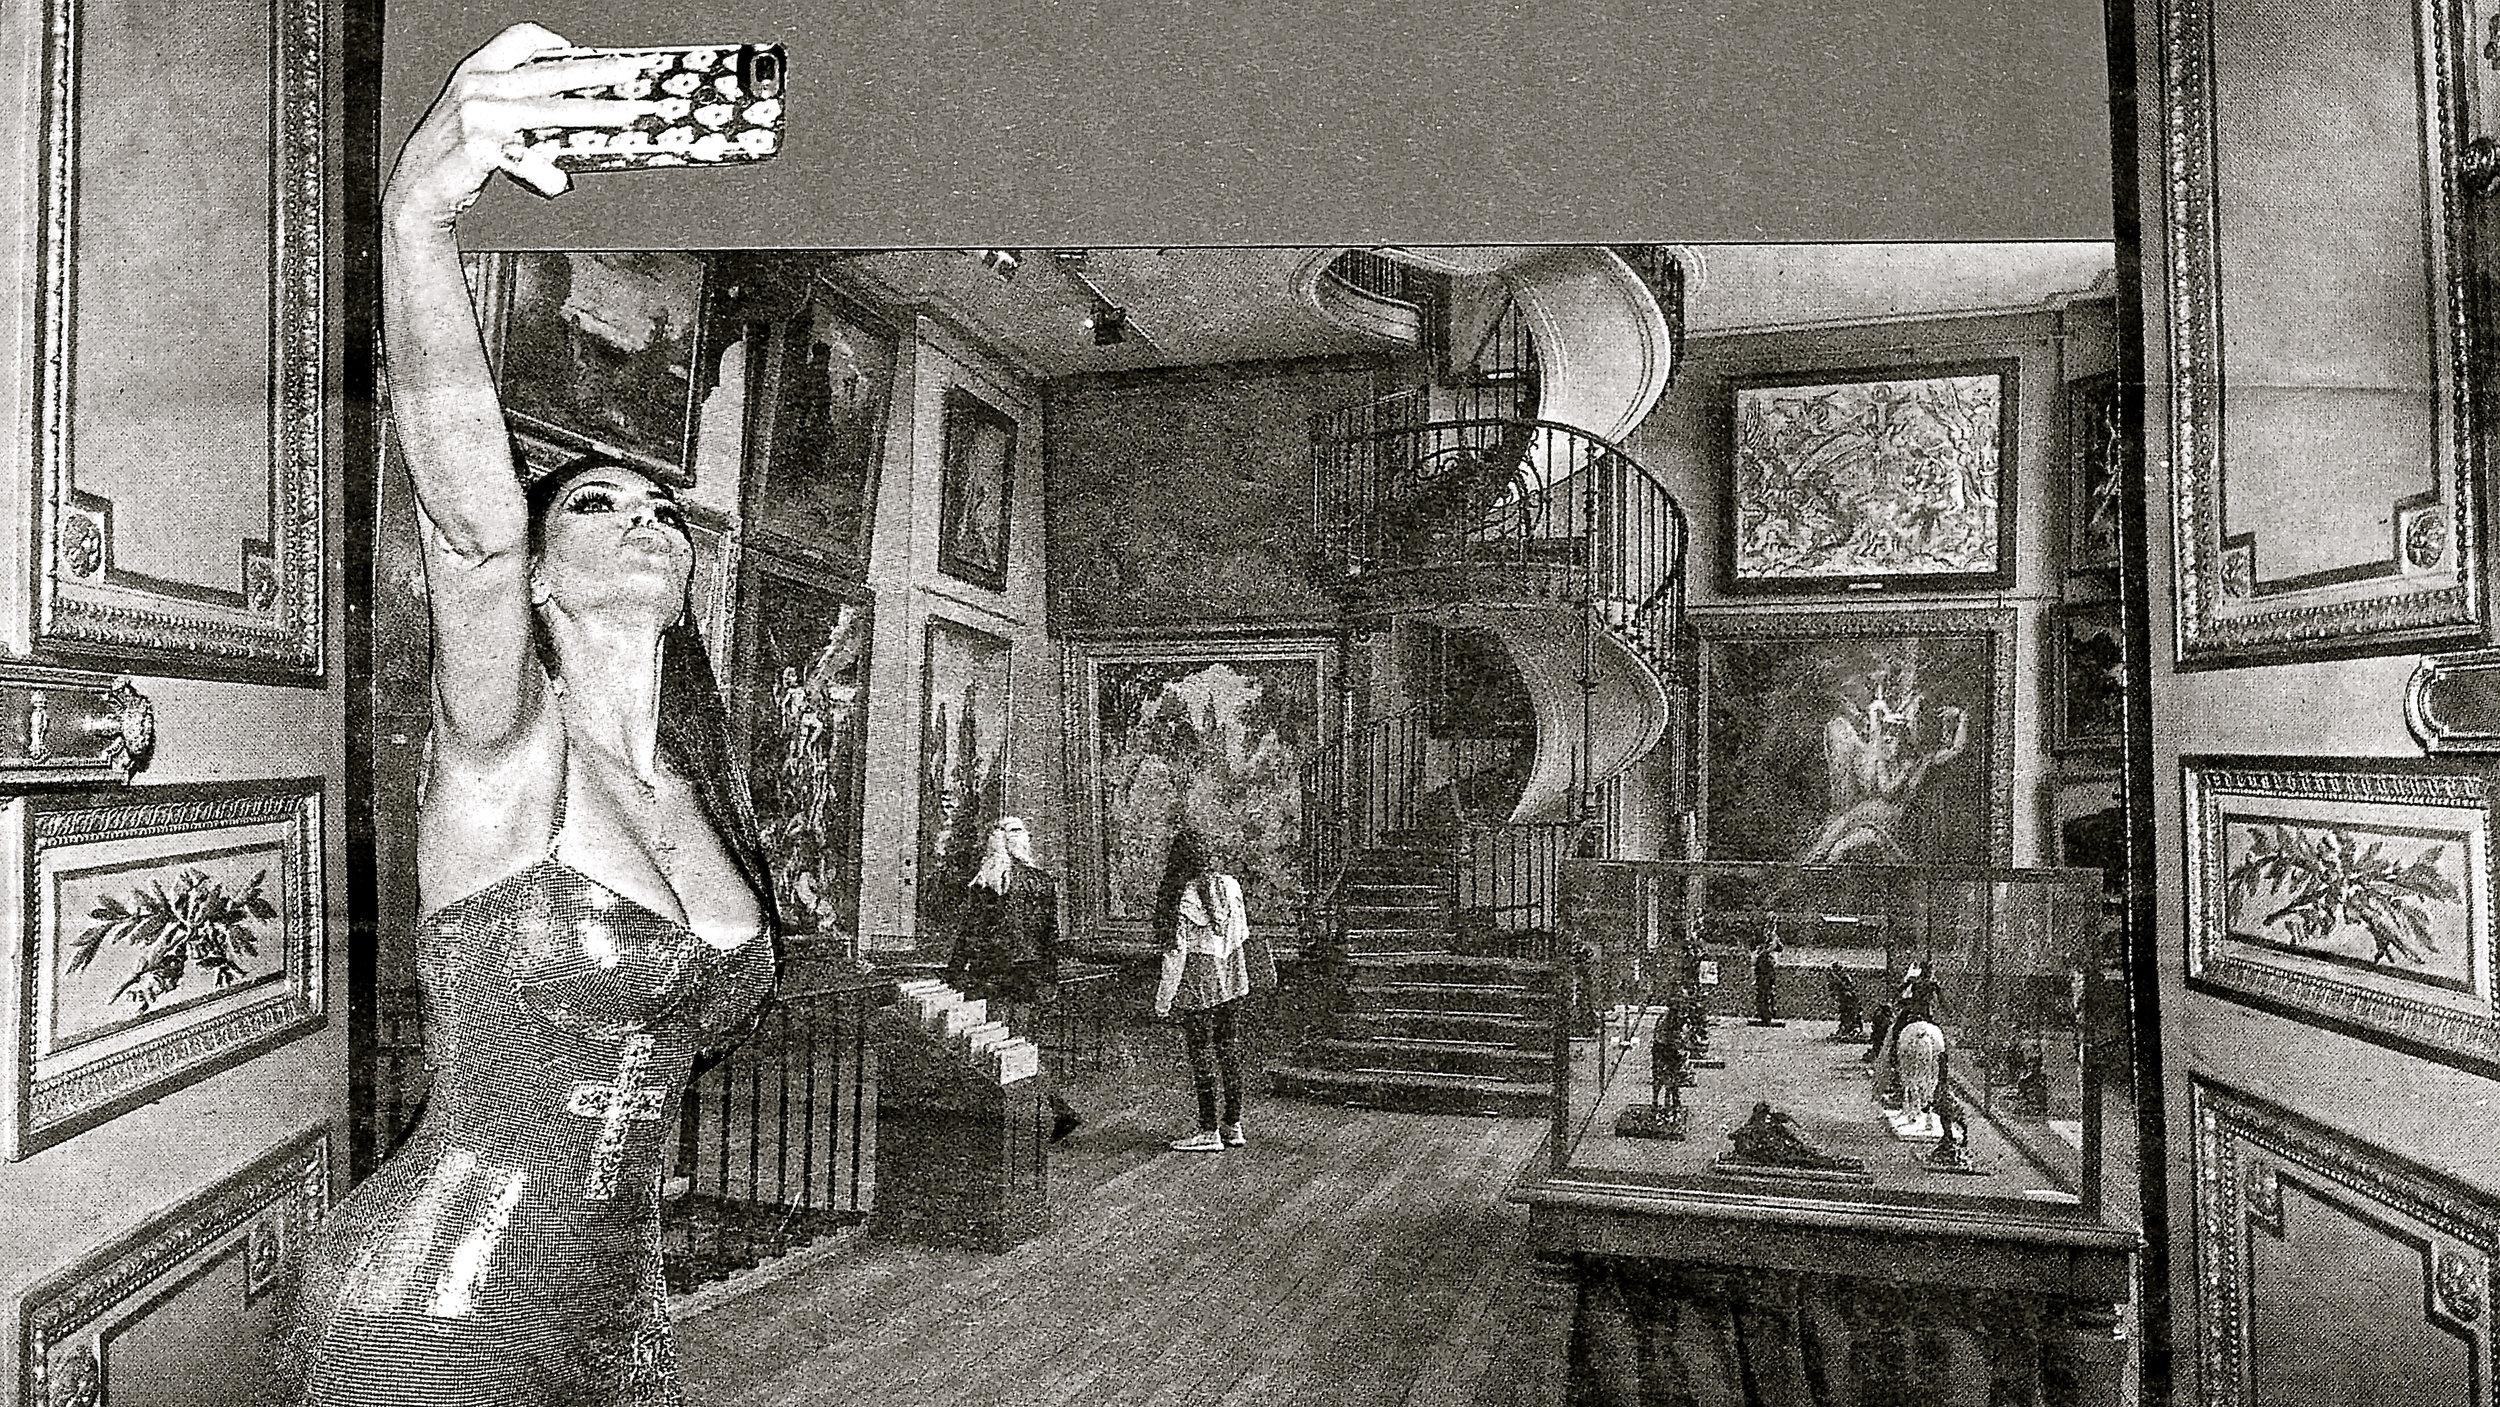 K en el museo Gustave Moreau - 1